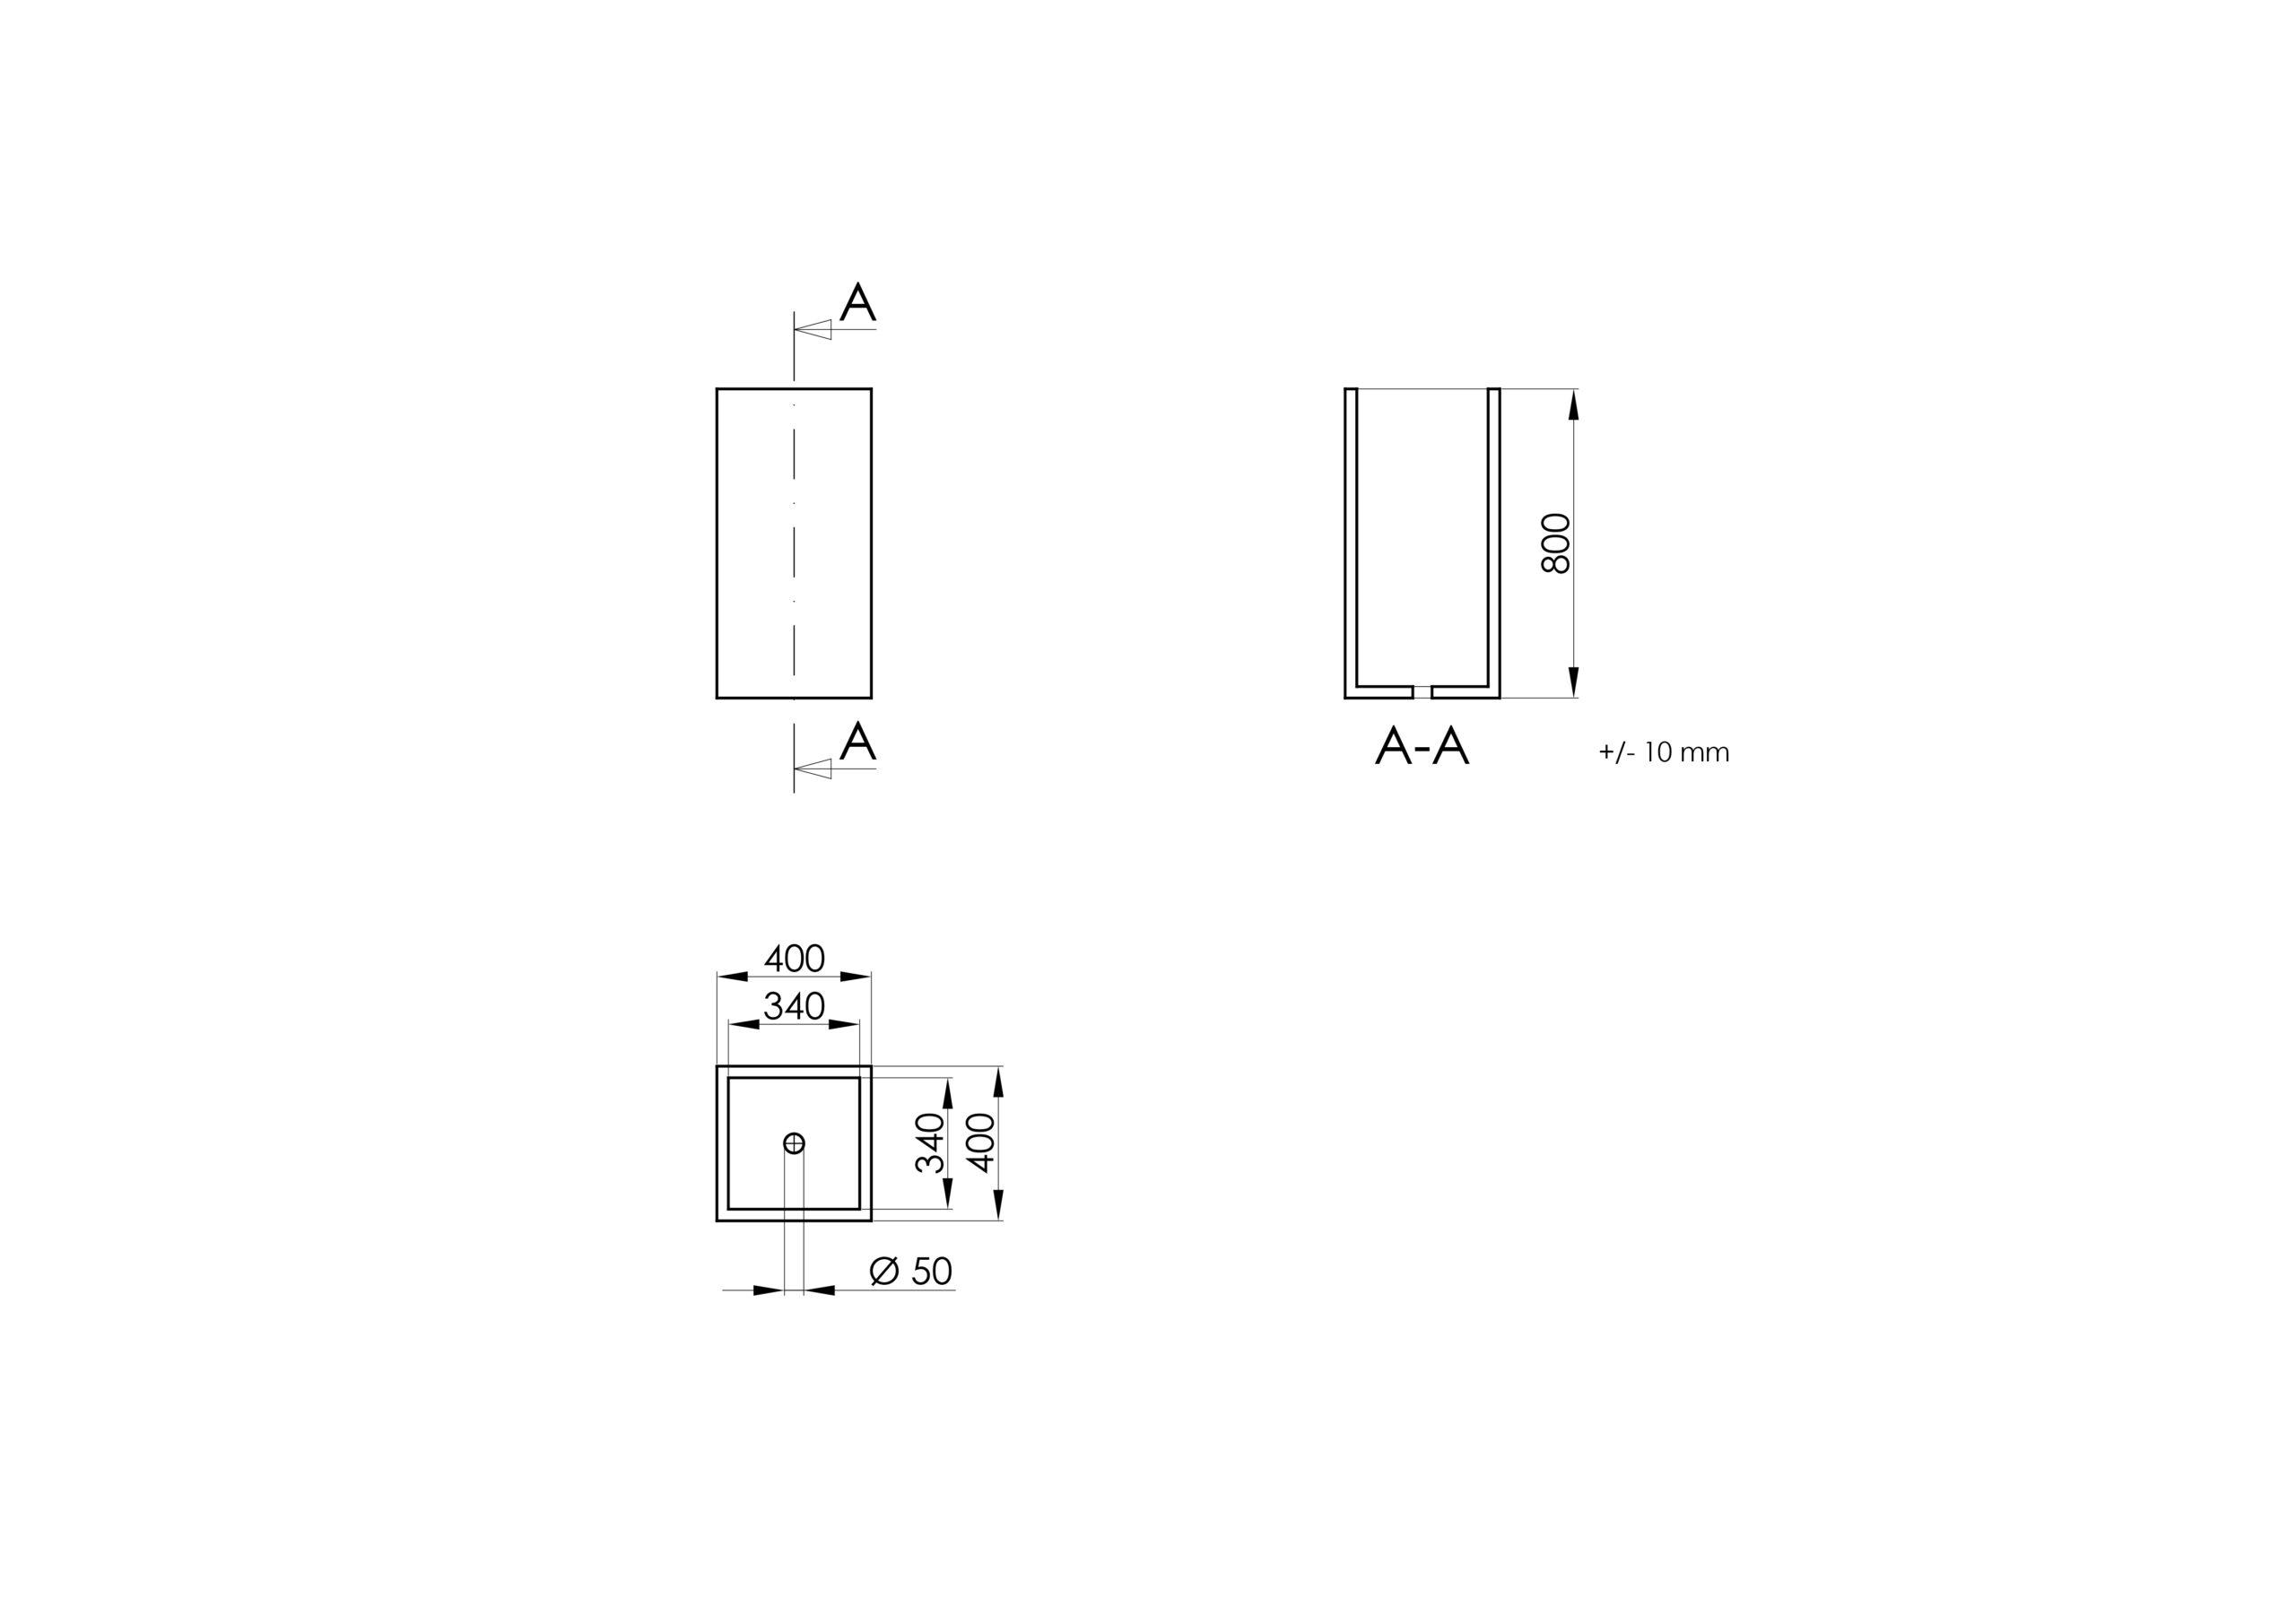 Luigi-Technisches Zeichnen